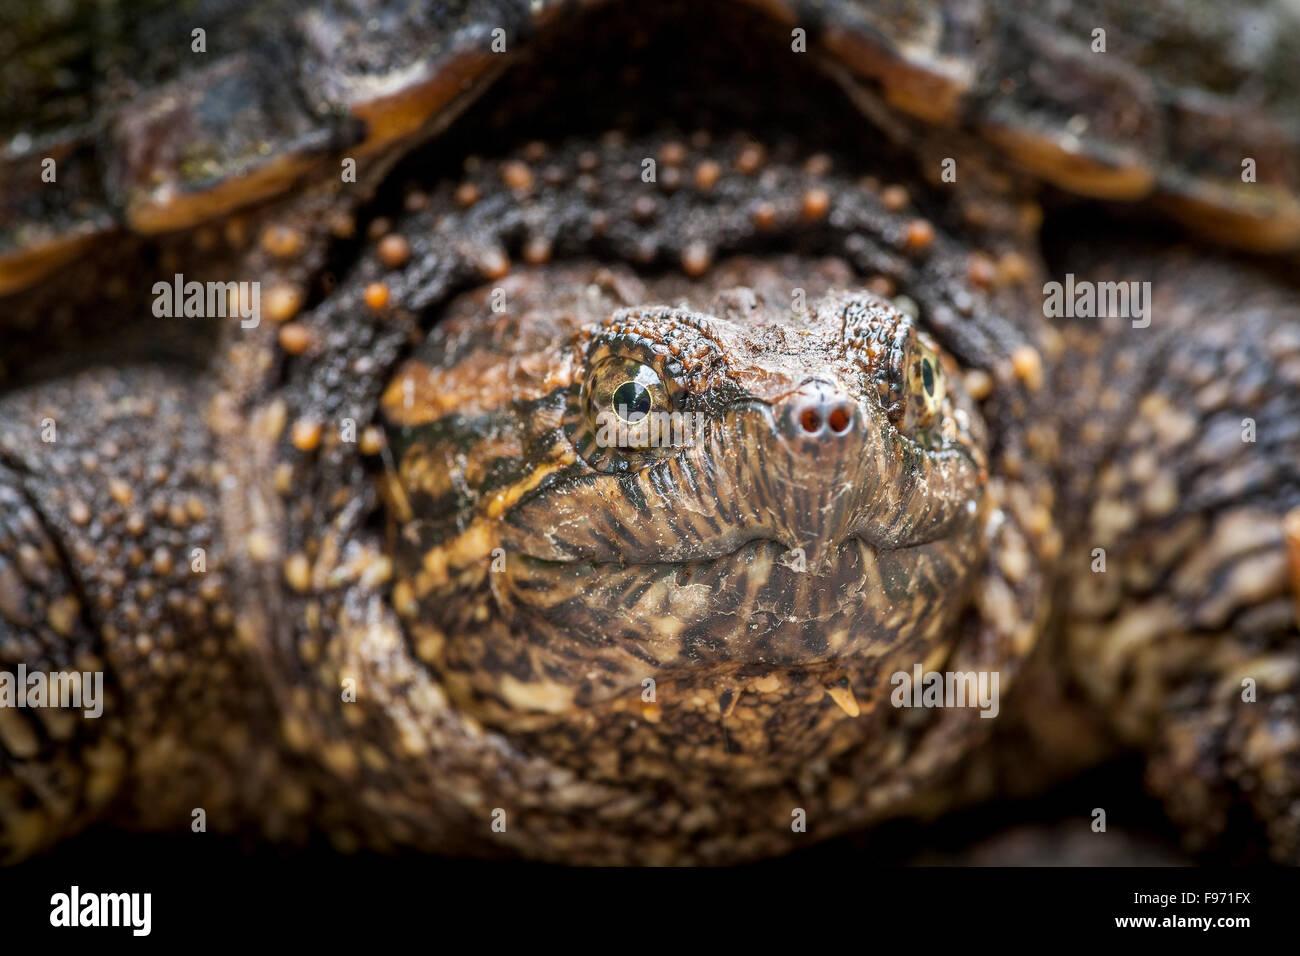 Los menores, de cizallamiento (tortugas Chelydra serpentina), Bon Echo Provincial Park, Ontario Imagen De Stock